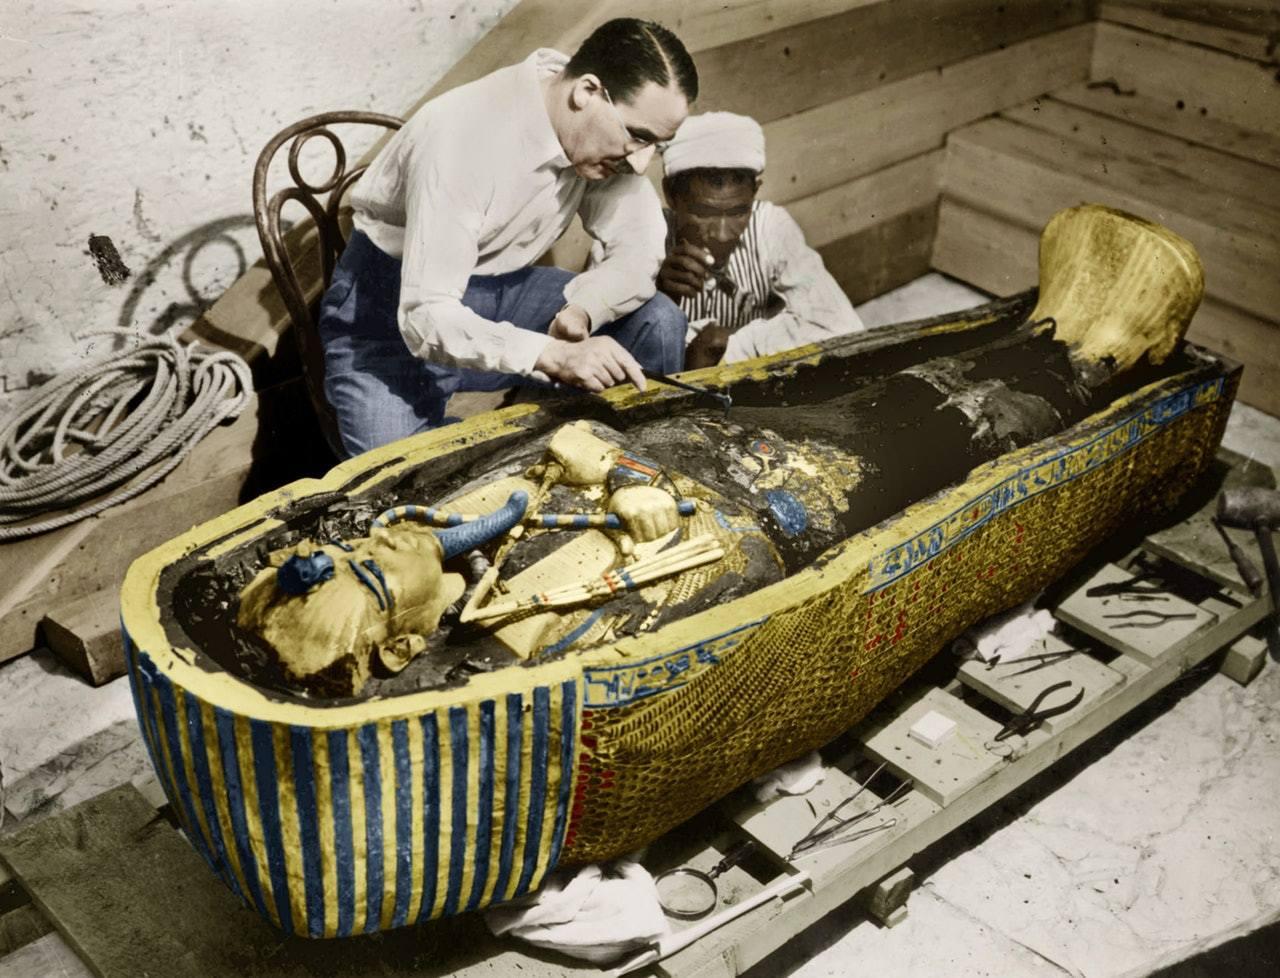 圖坦卡門陵墓是為考古界重大發現,圖中可見卡特・霍華德與考古隊員正在處理出土中的棺...